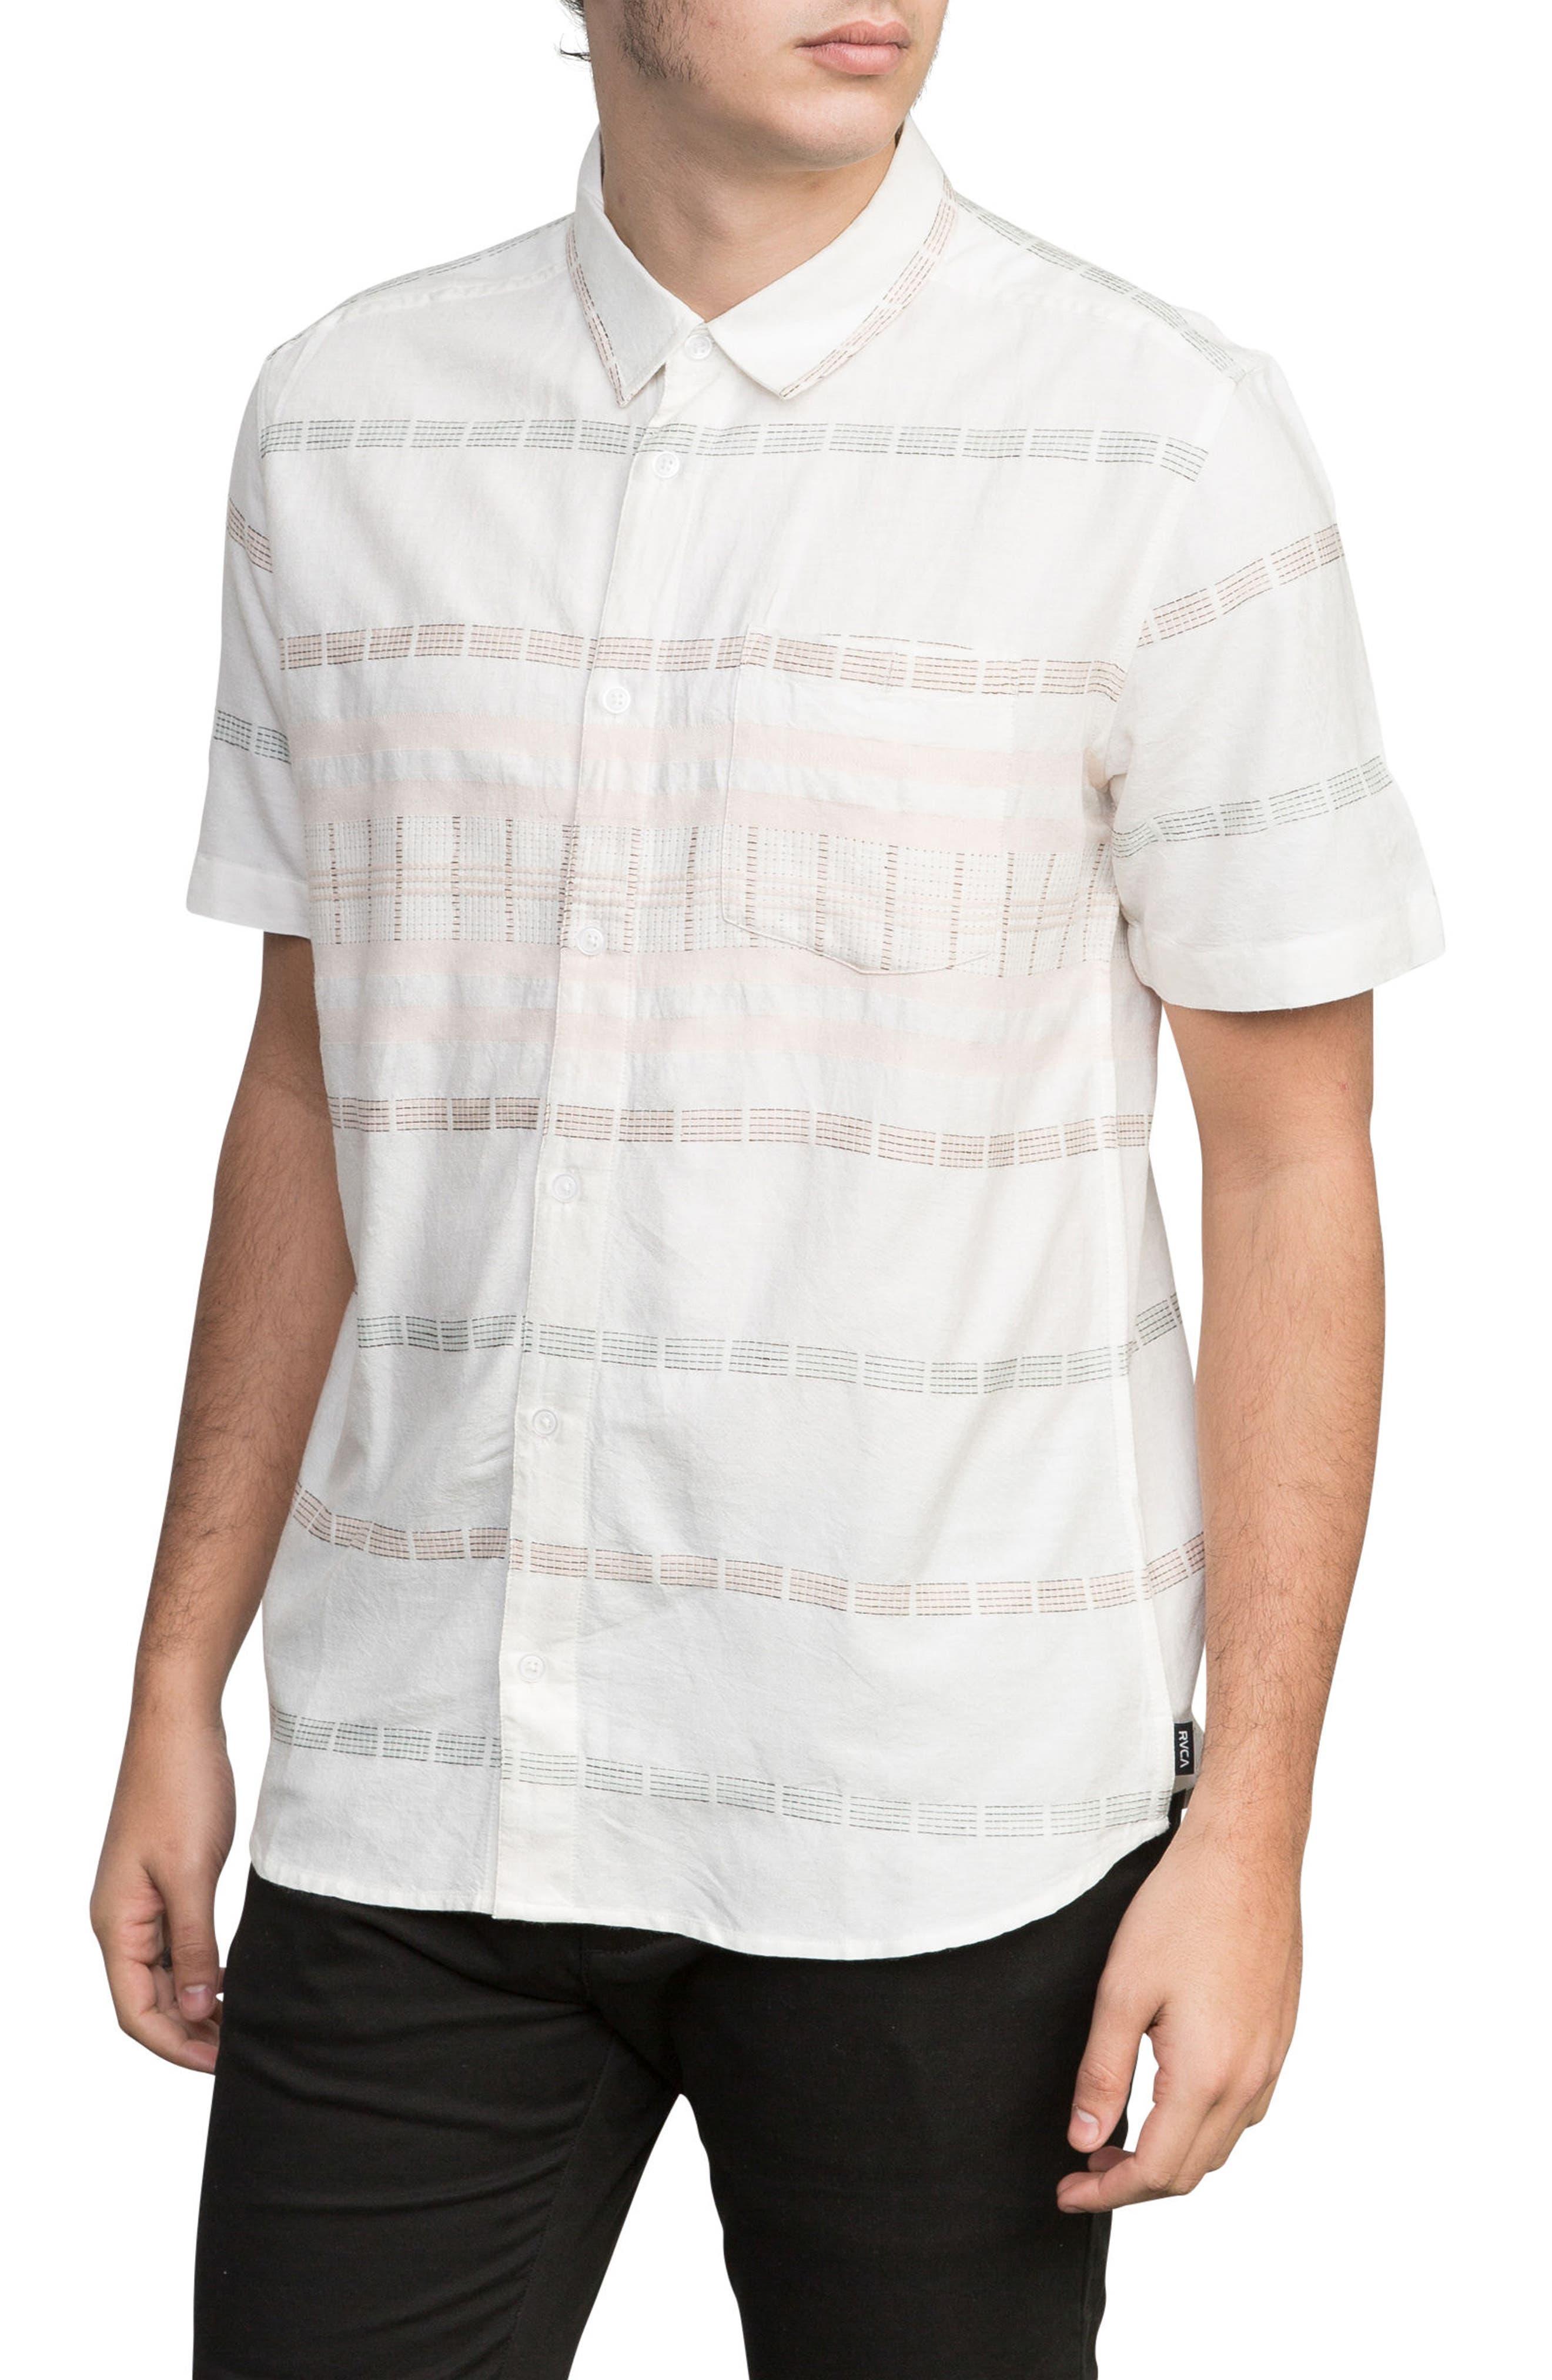 Krazy Kat Woven Shirt,                             Main thumbnail 1, color,                             Antique White